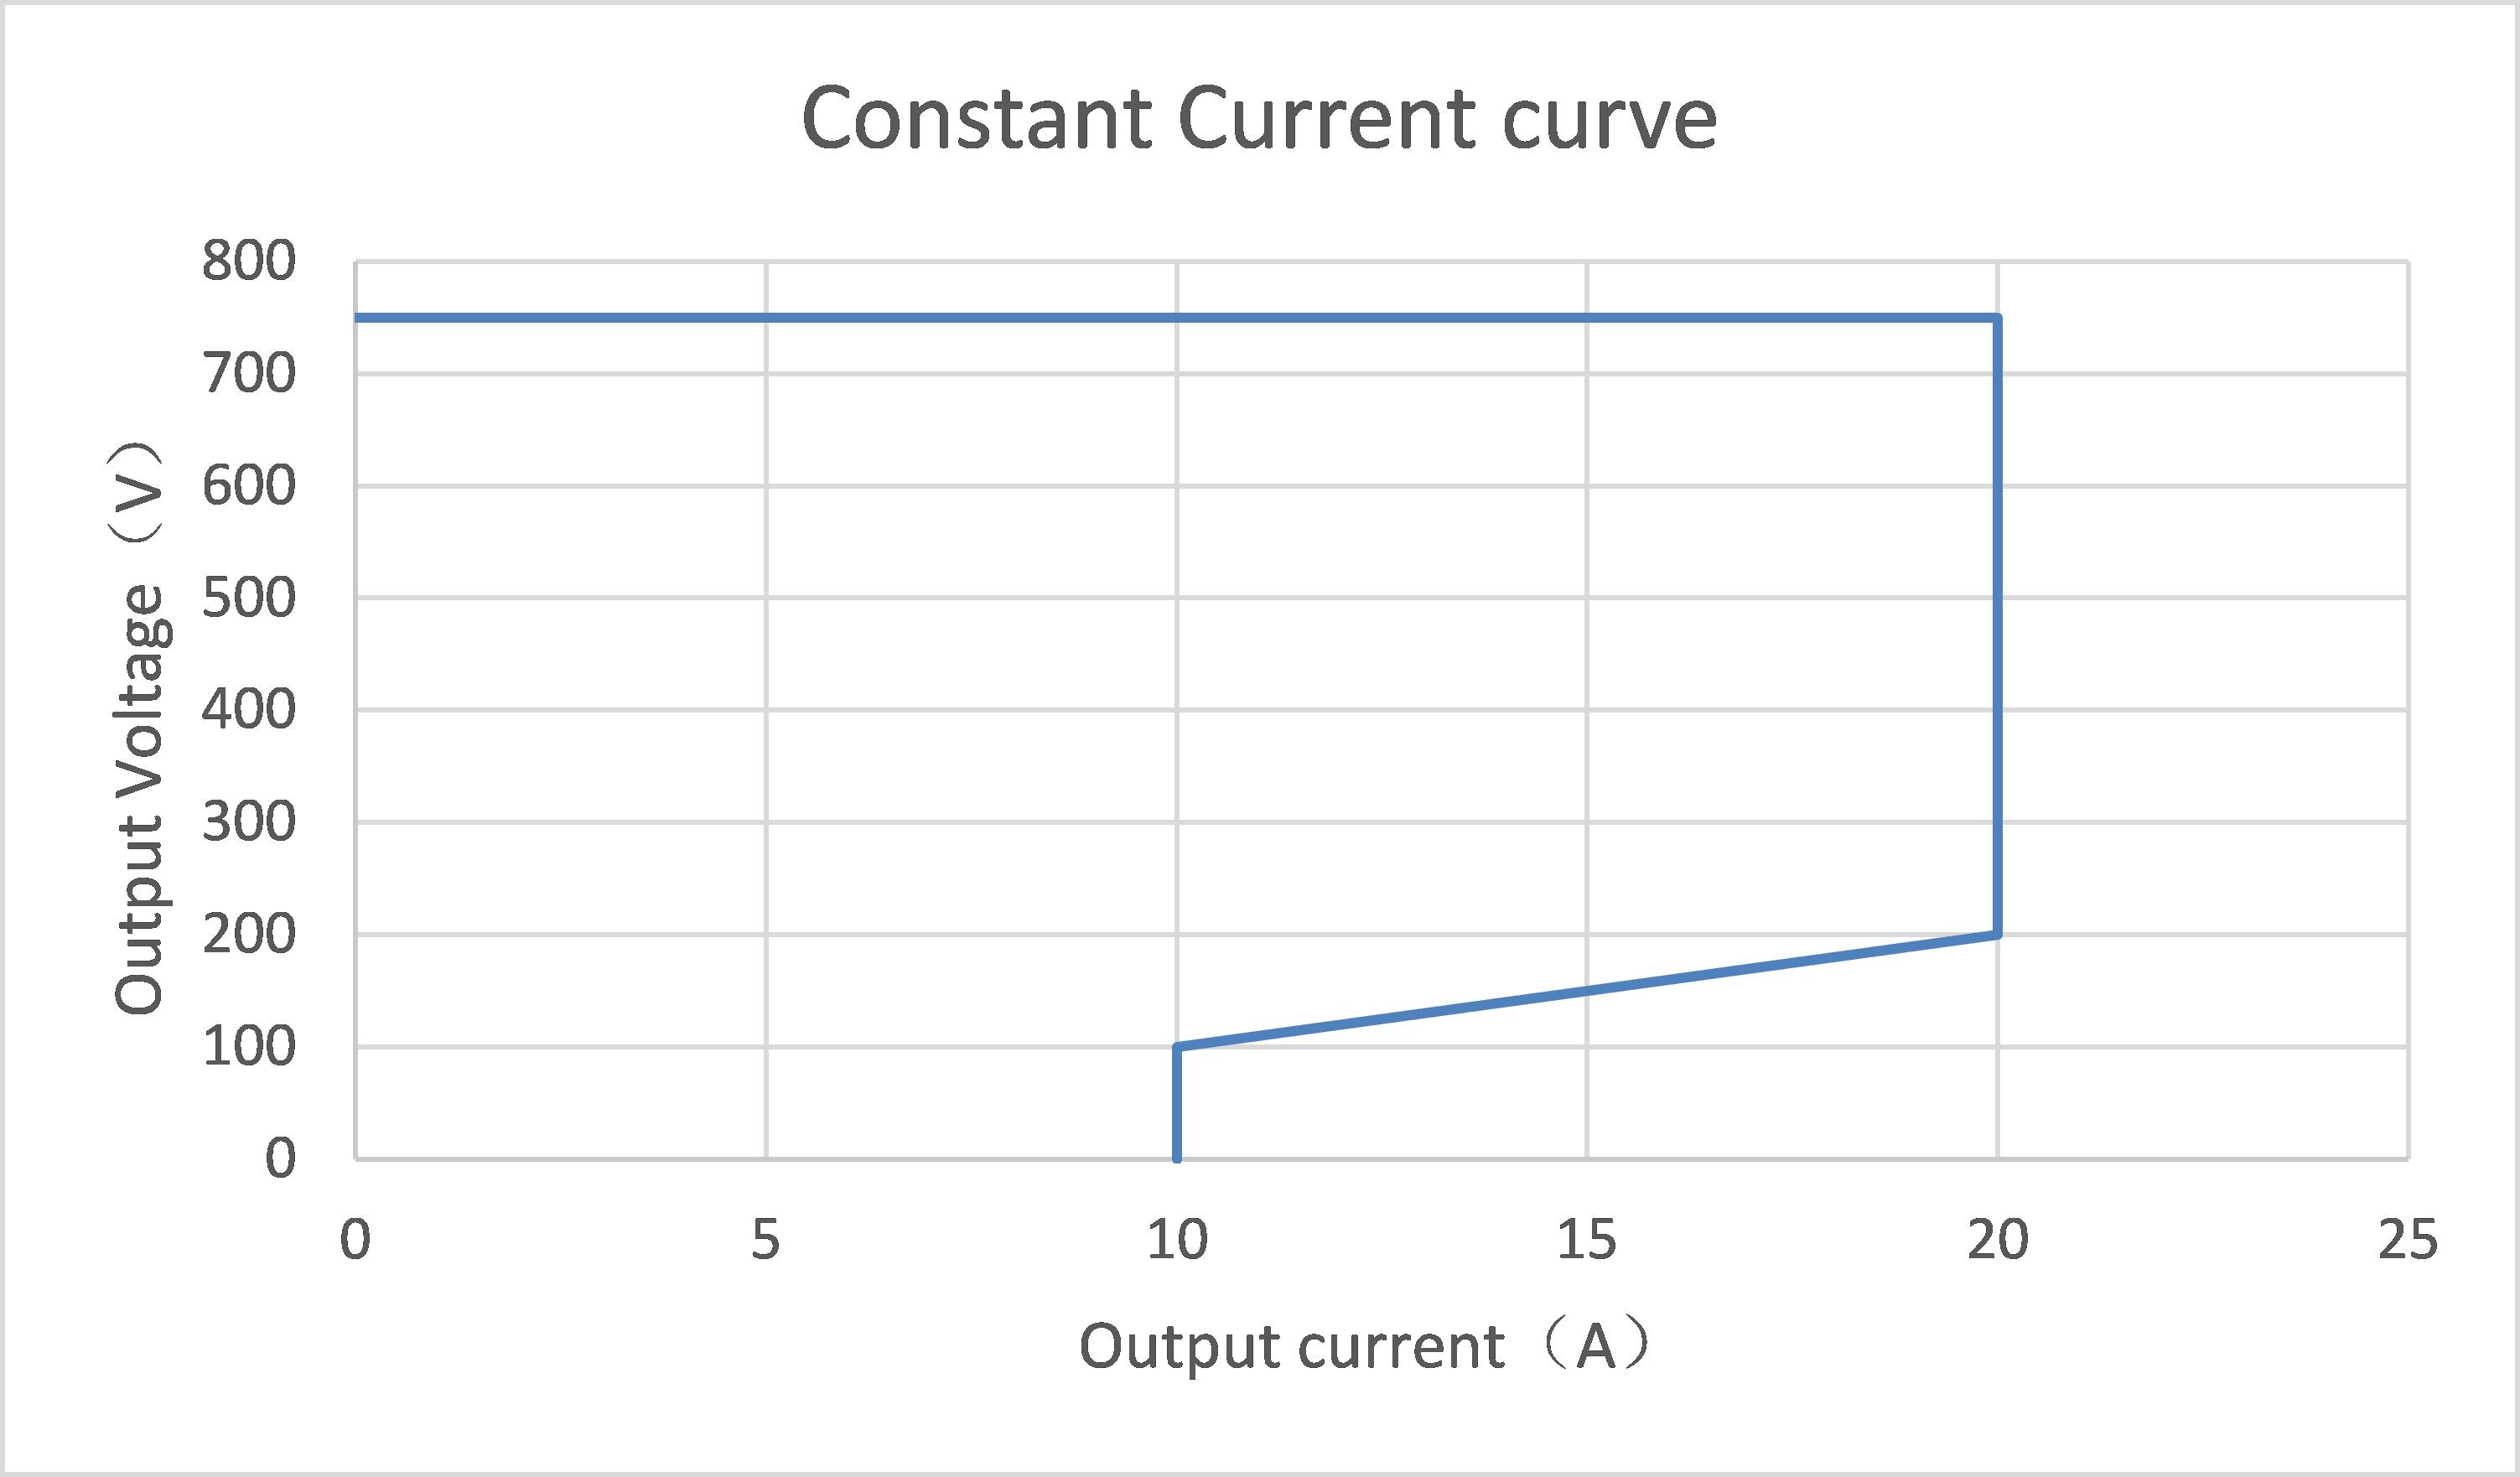 ev charger module Constant Current curve